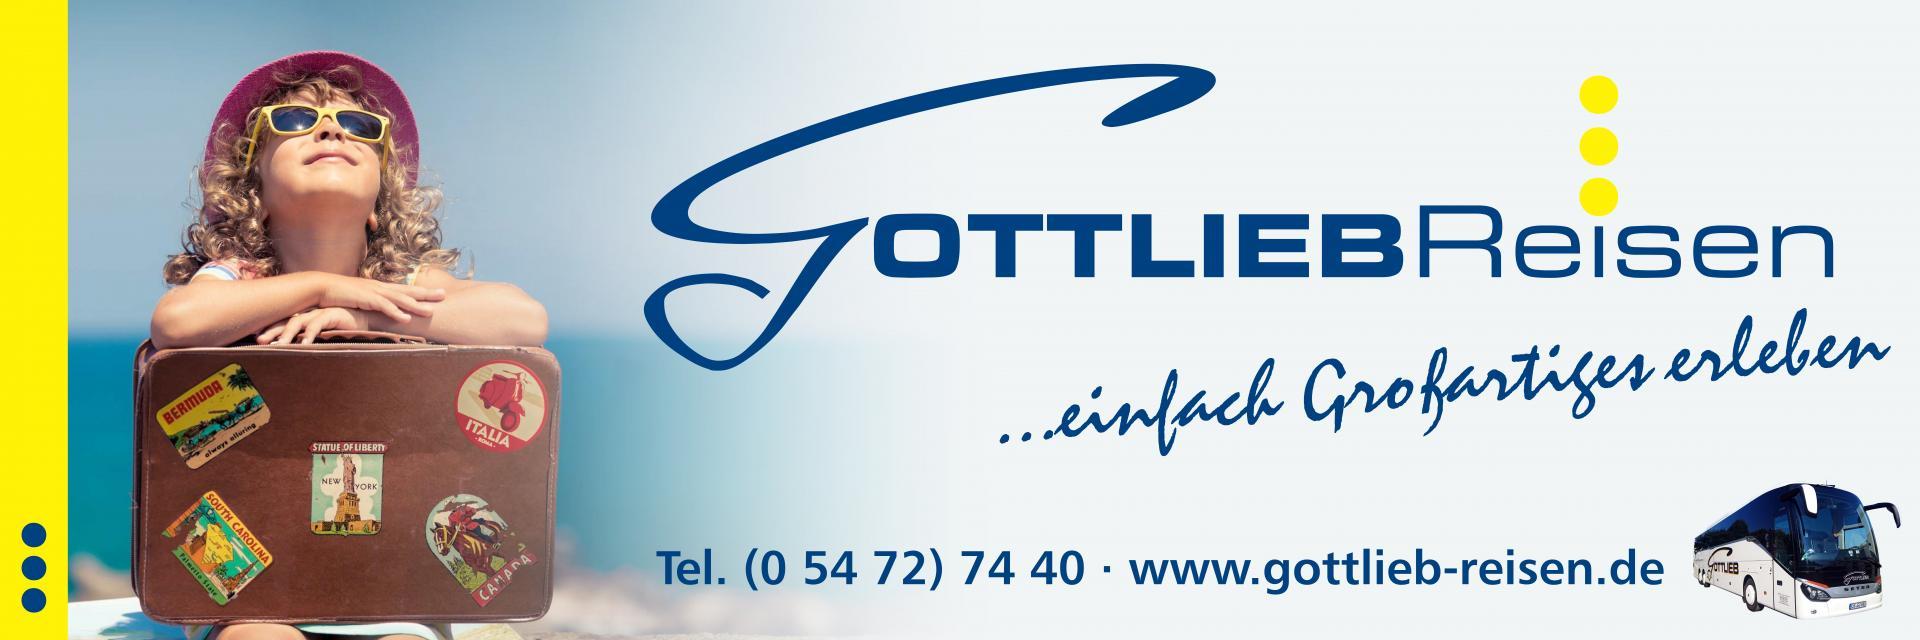 Gottlieb Reisen